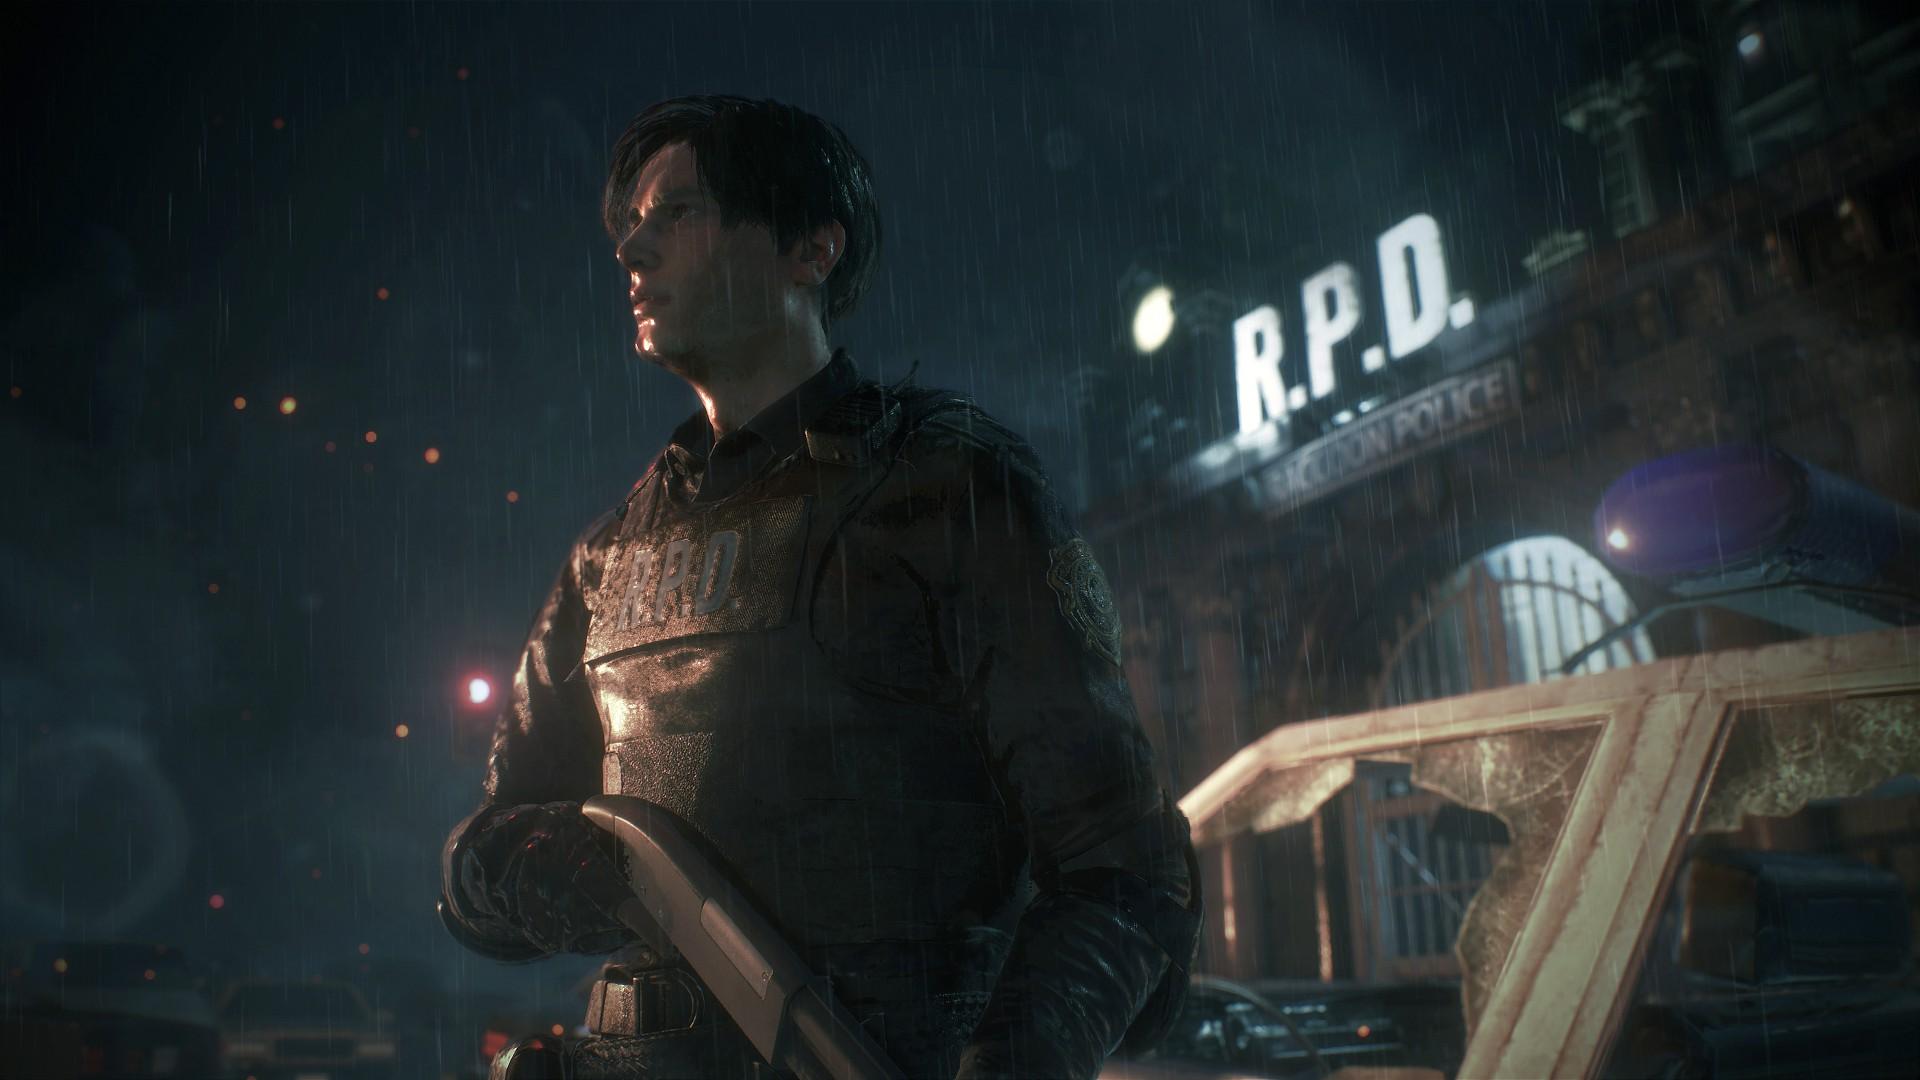 生化危机2重制版首批游戏截图公布 中文版同步发售 现已上架PS4港服